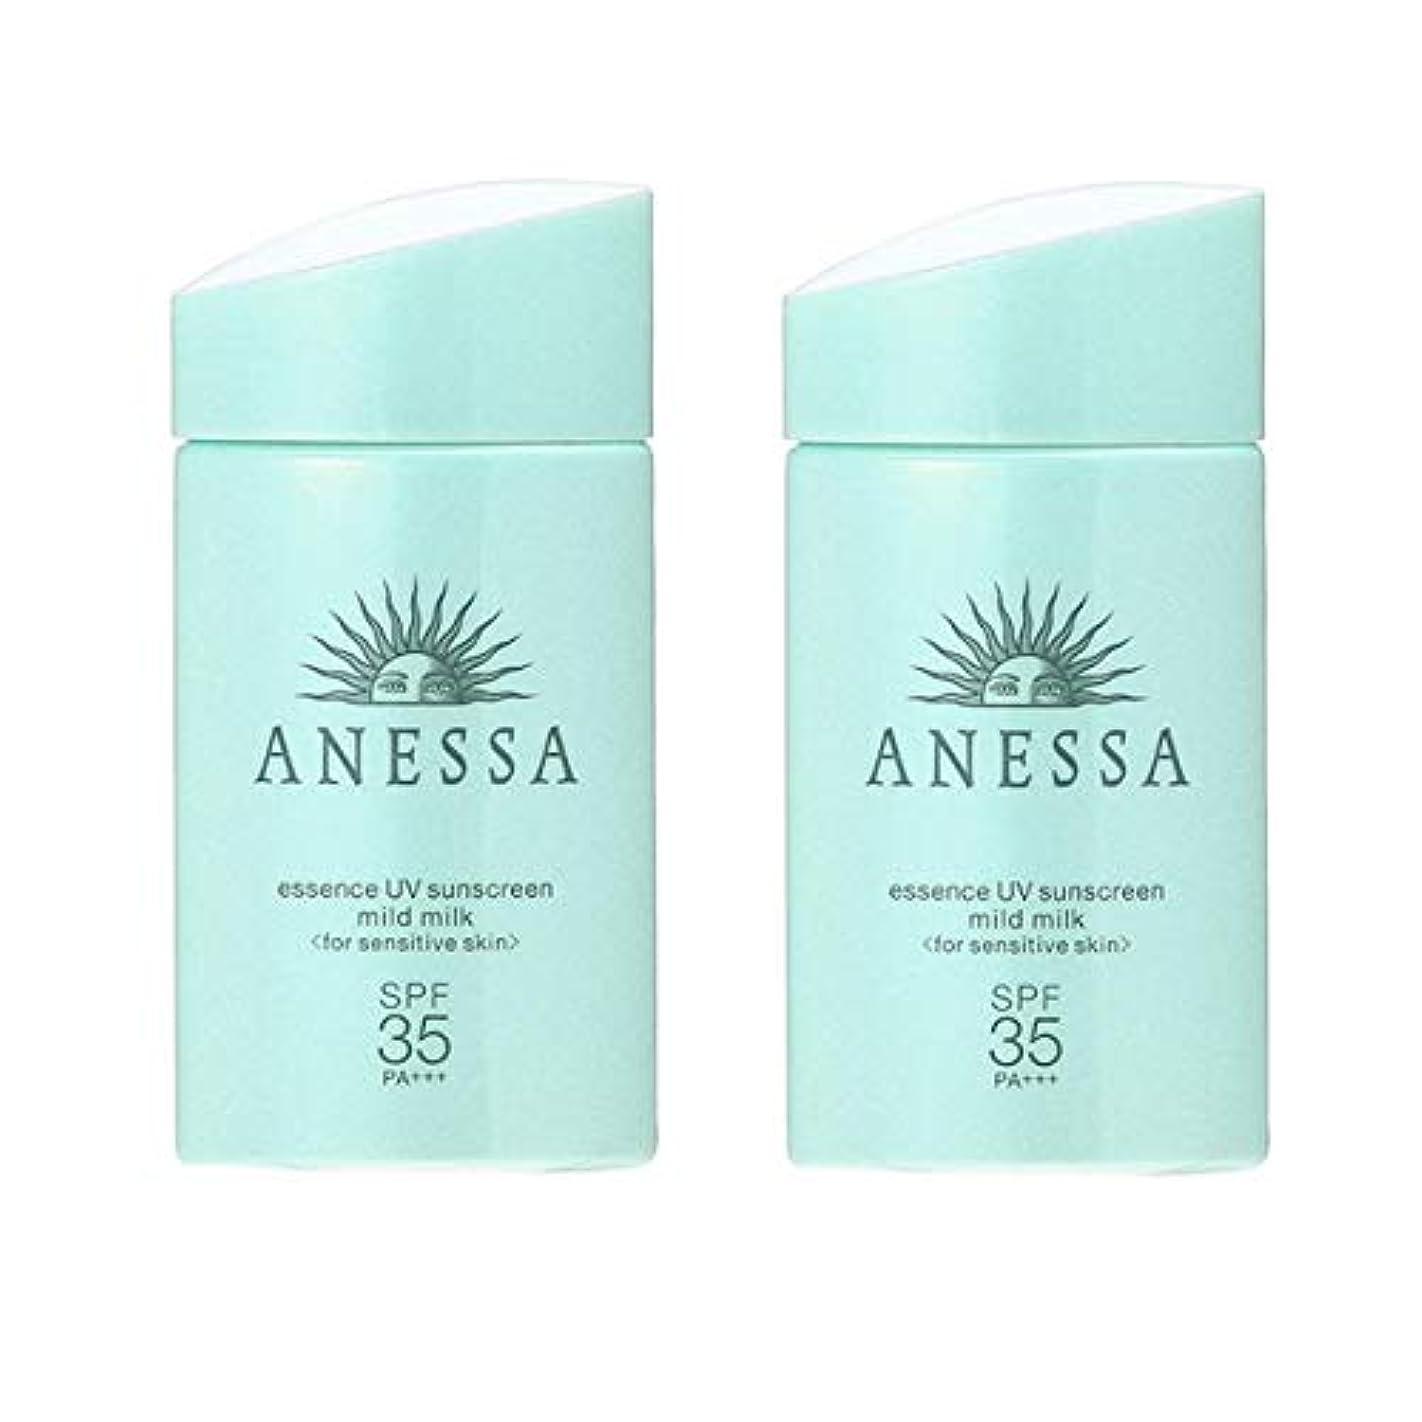 肌作動するスリップ【セット】資生堂 アネッサ ANESSA エッセンスUV マイルドミルク SPF35/PA+++ 60mL 2個セット